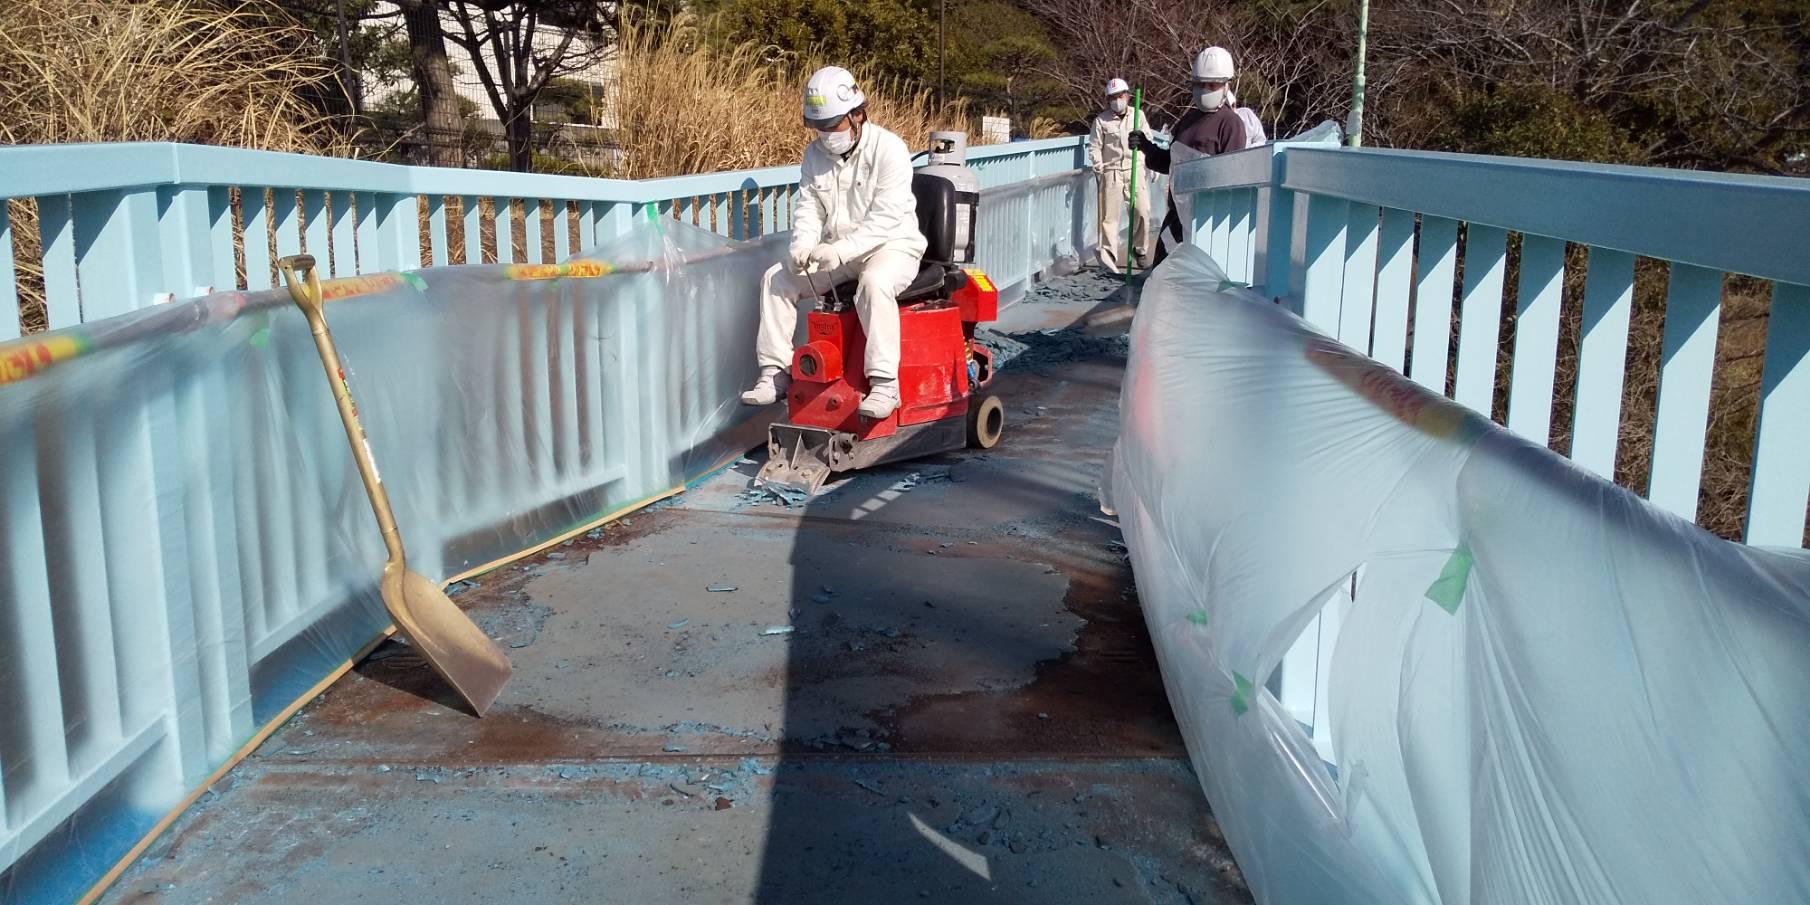 騎乗式剥がし機『ブロンコ』 歩道橋上の舗装材の撤去